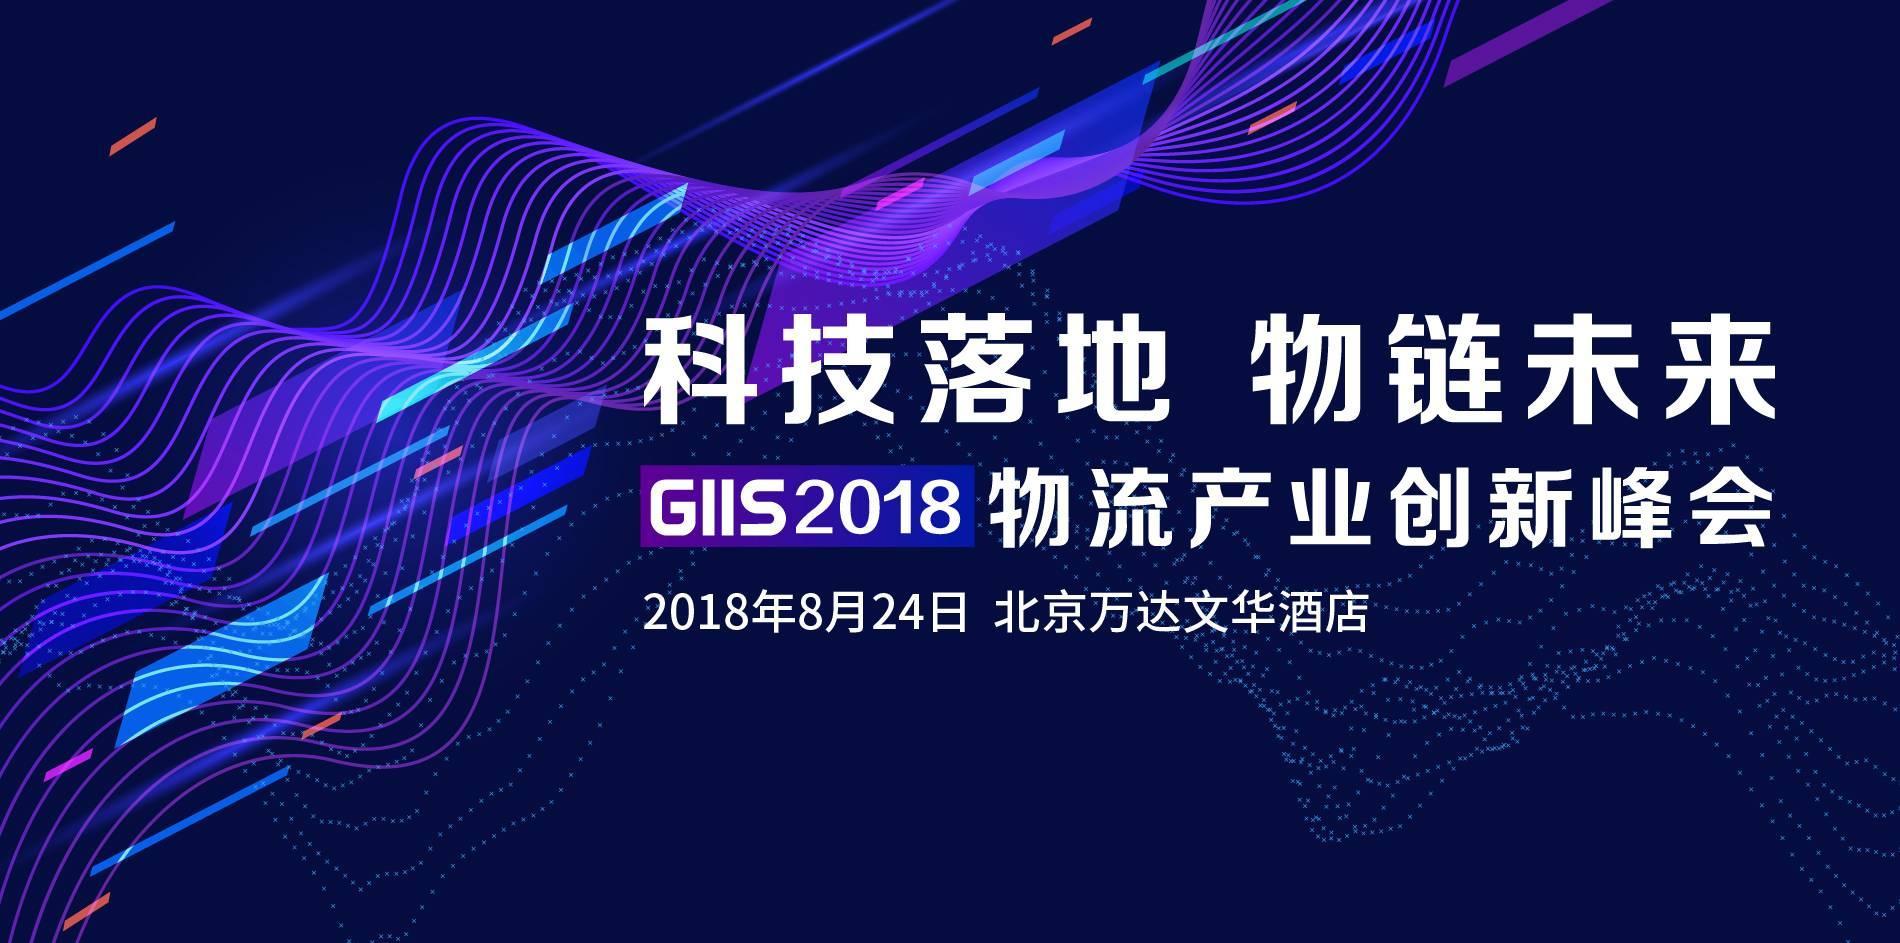 【活动】科技落地 物链未来  GIIS 2018物流产业创新峰会-亿欧